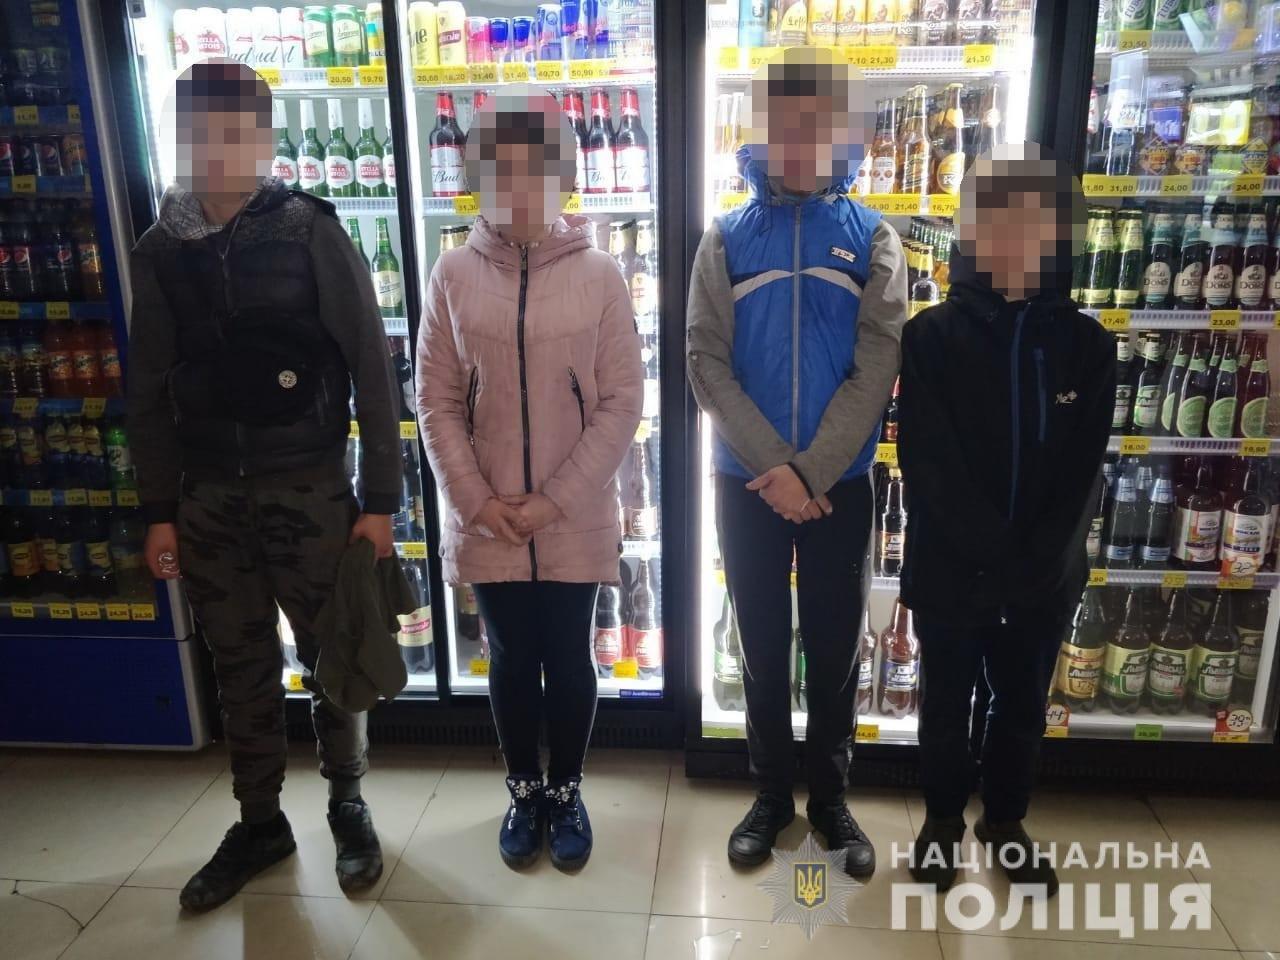 Украли деньги и сигареты: в Харькове четверо подростков проникли в киоск, - ФОТО, фото-2